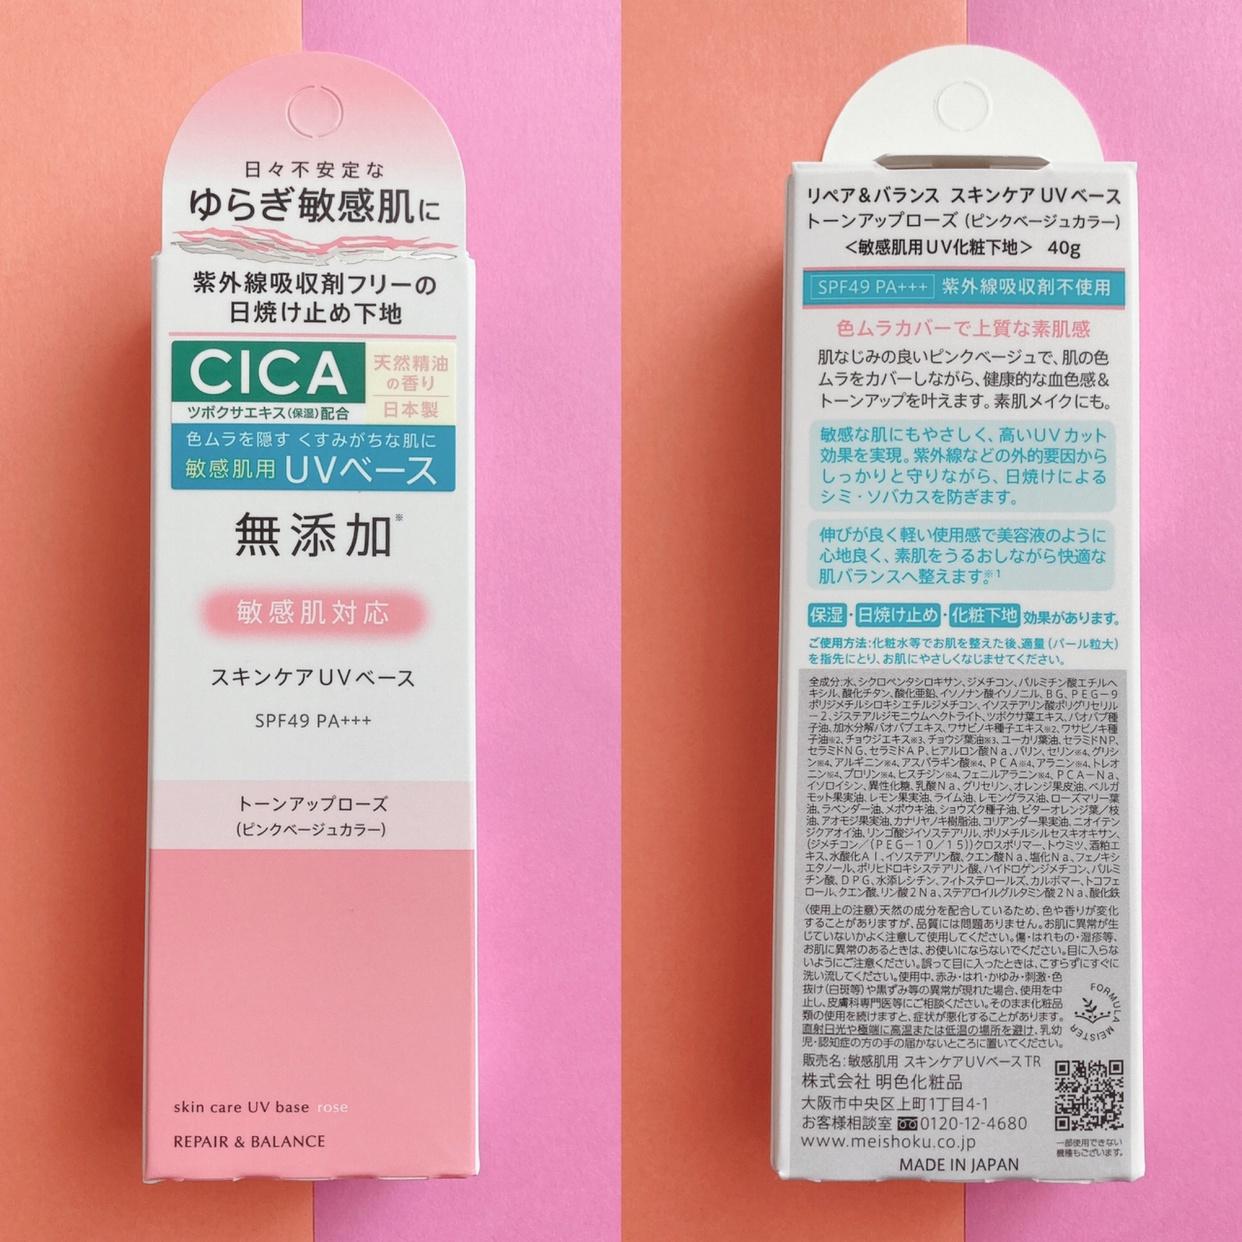 REPAIR&BALANCE(リペア&バランス) スキンケア UV ベースを使ったyunaさんのクチコミ画像3